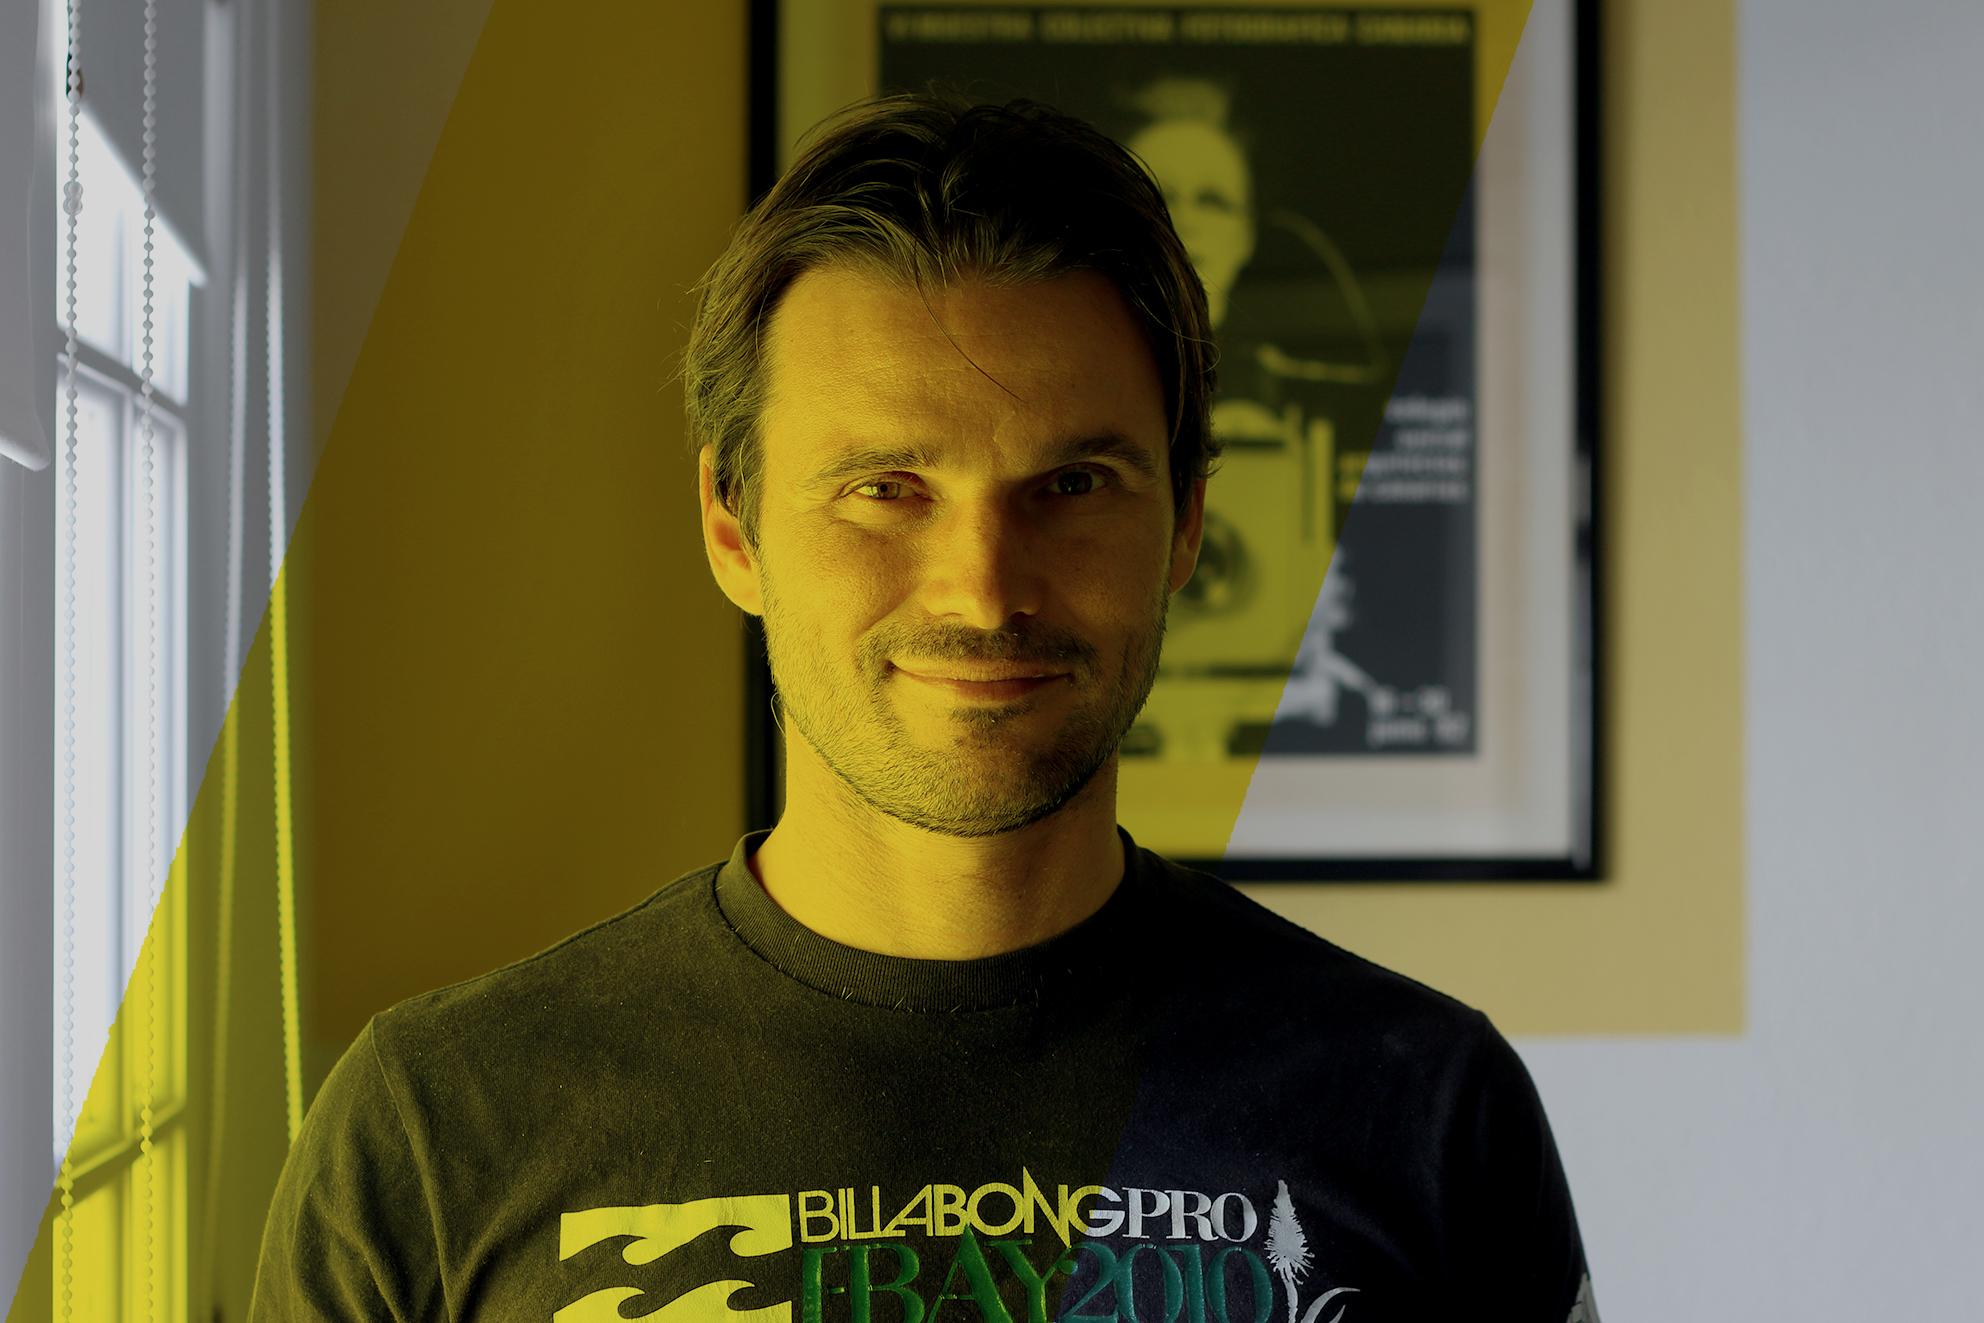 Ignacio Rosillo